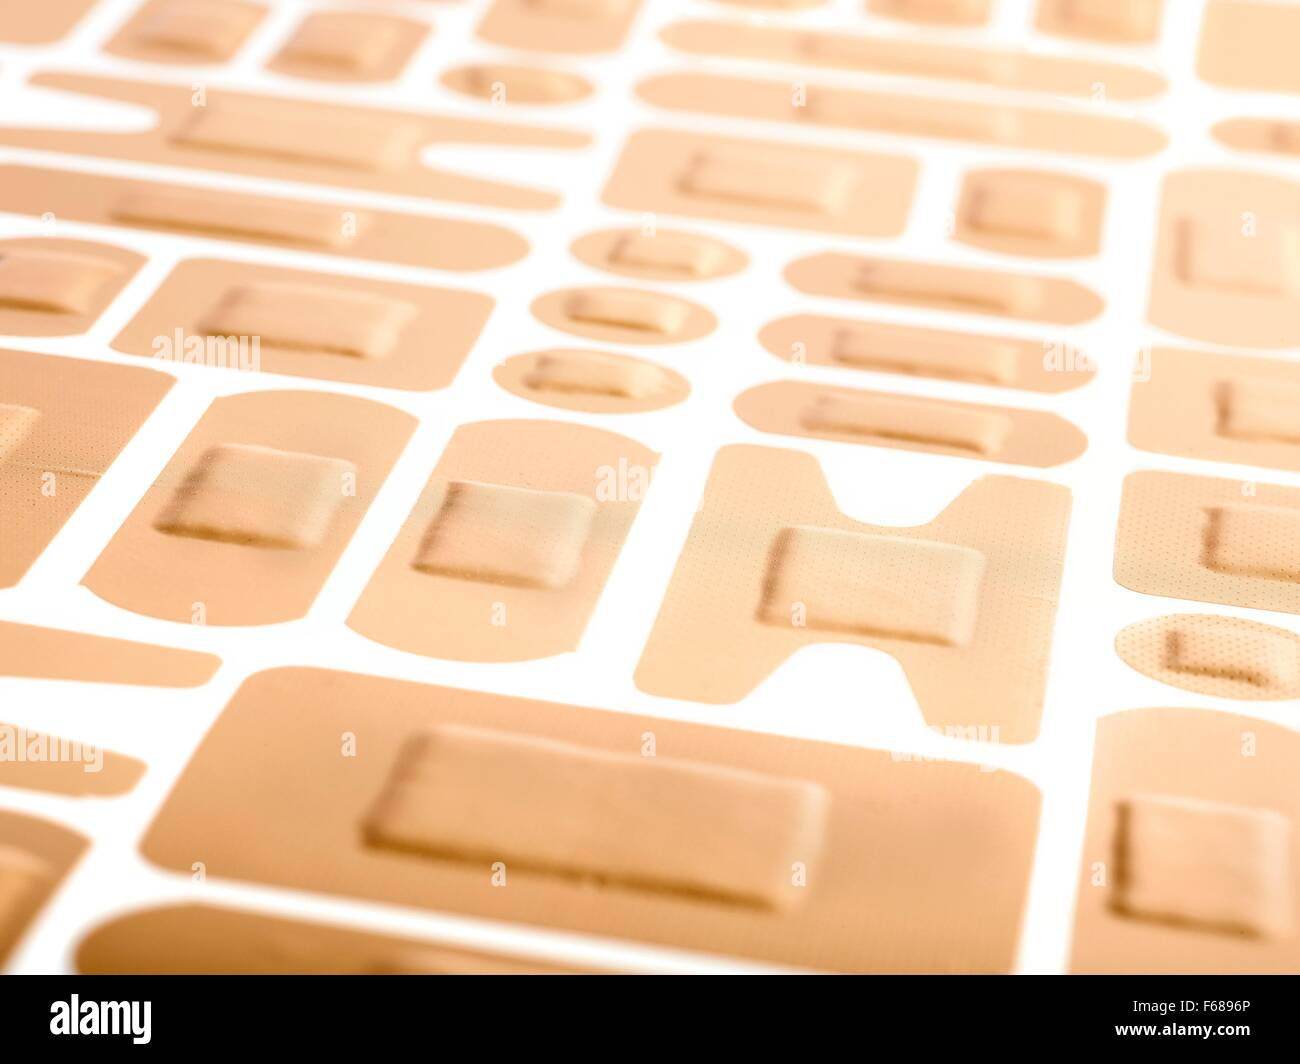 Selección de tiritas adhesivas. Imagen De Stock